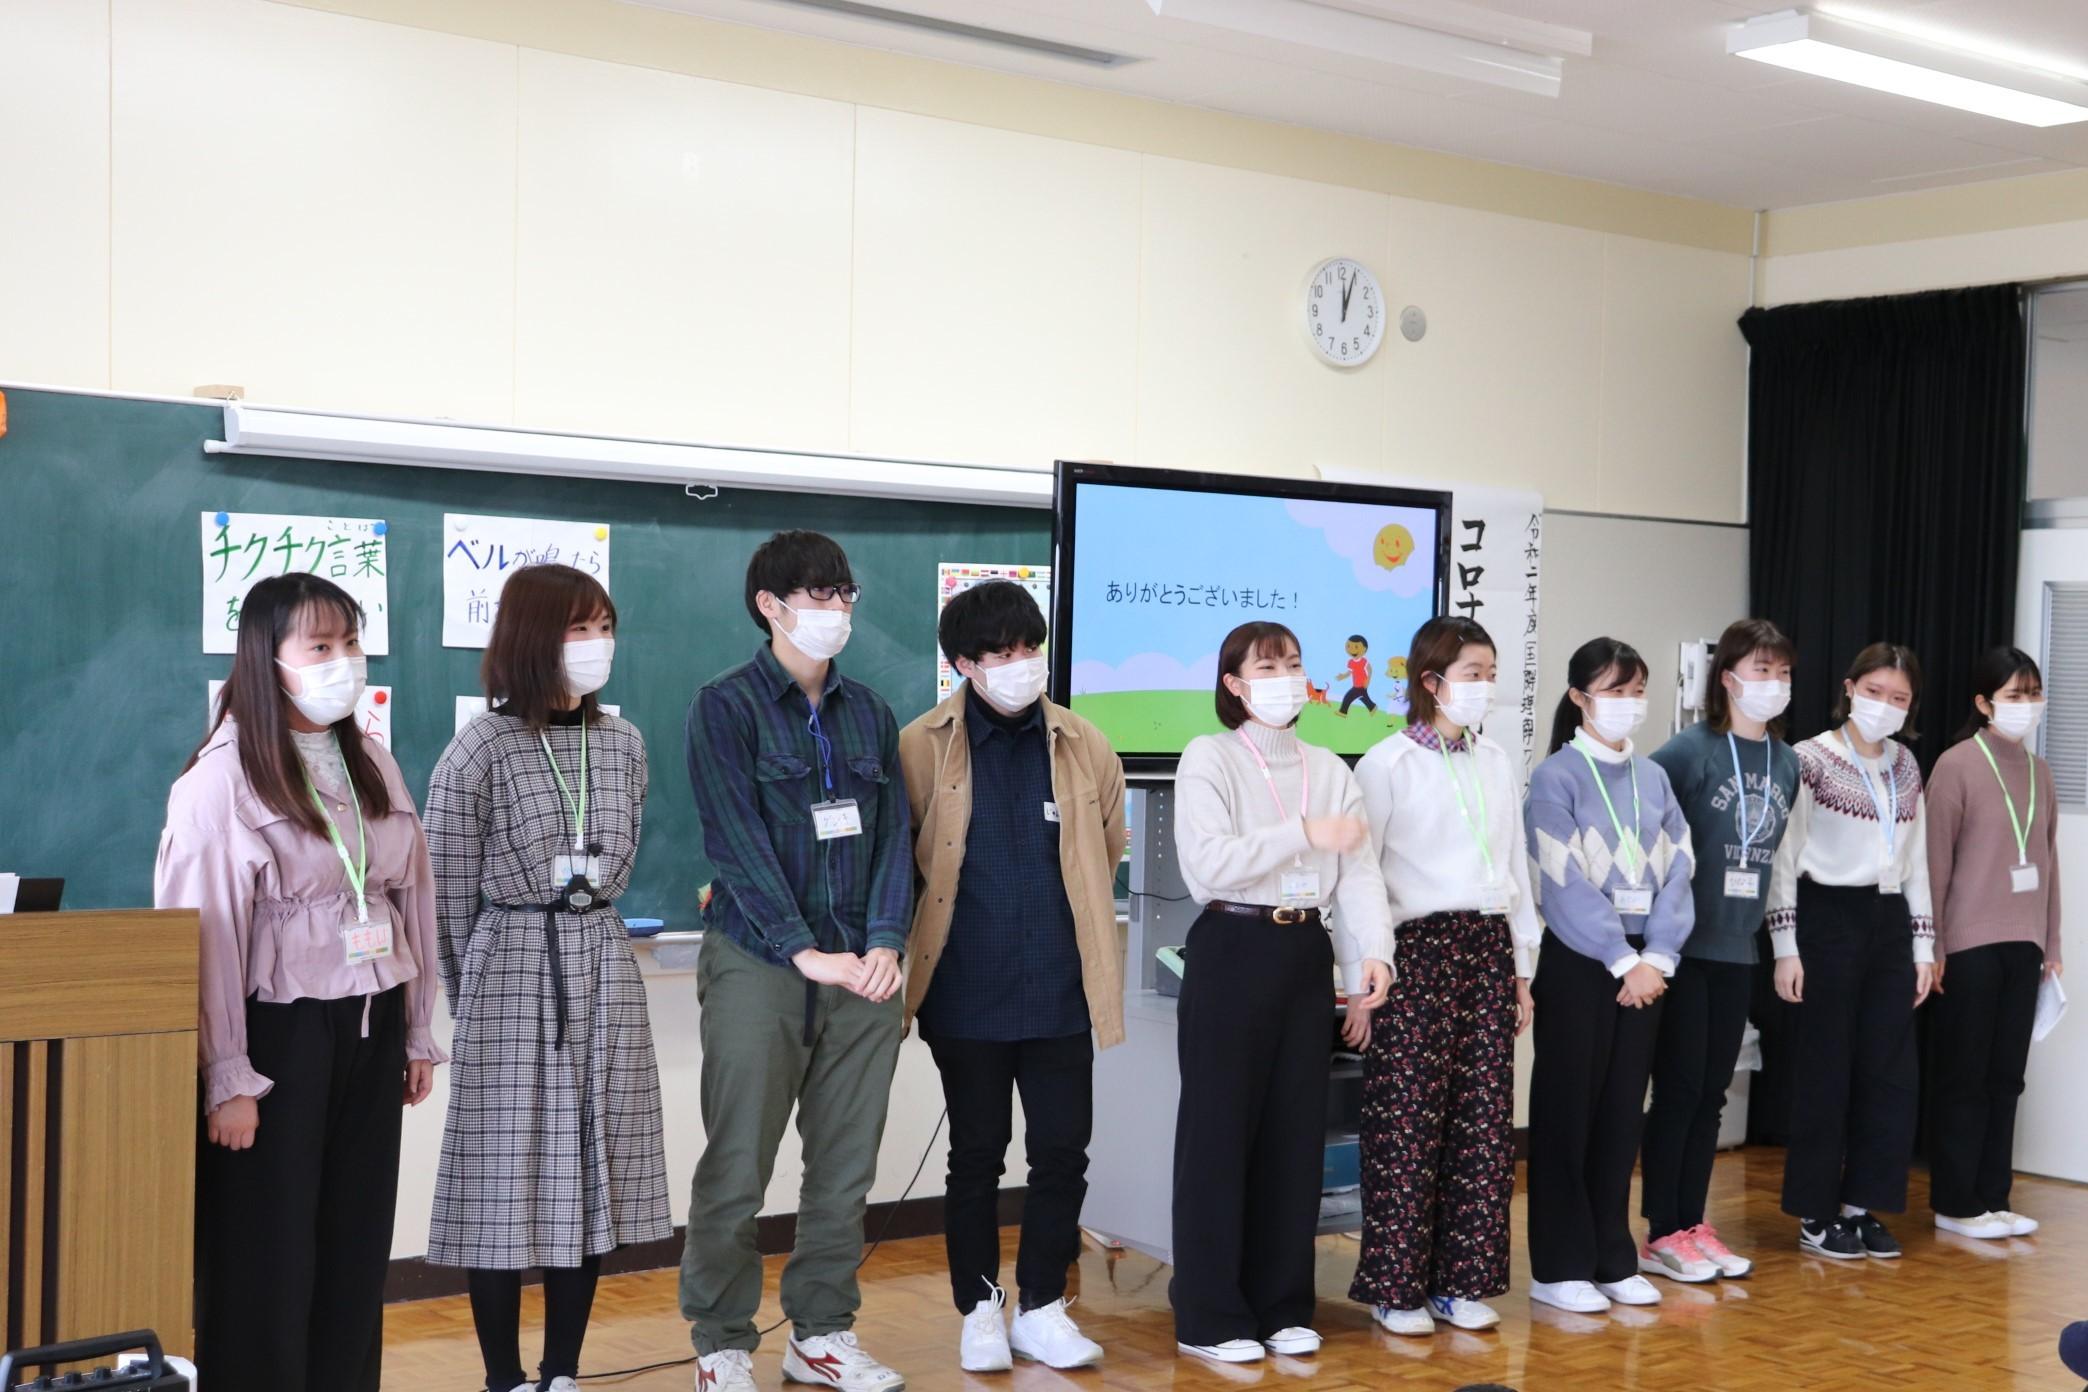 新潟市立鎧郷小学校においてワークショップを行いました_c0167632_16042633.jpg